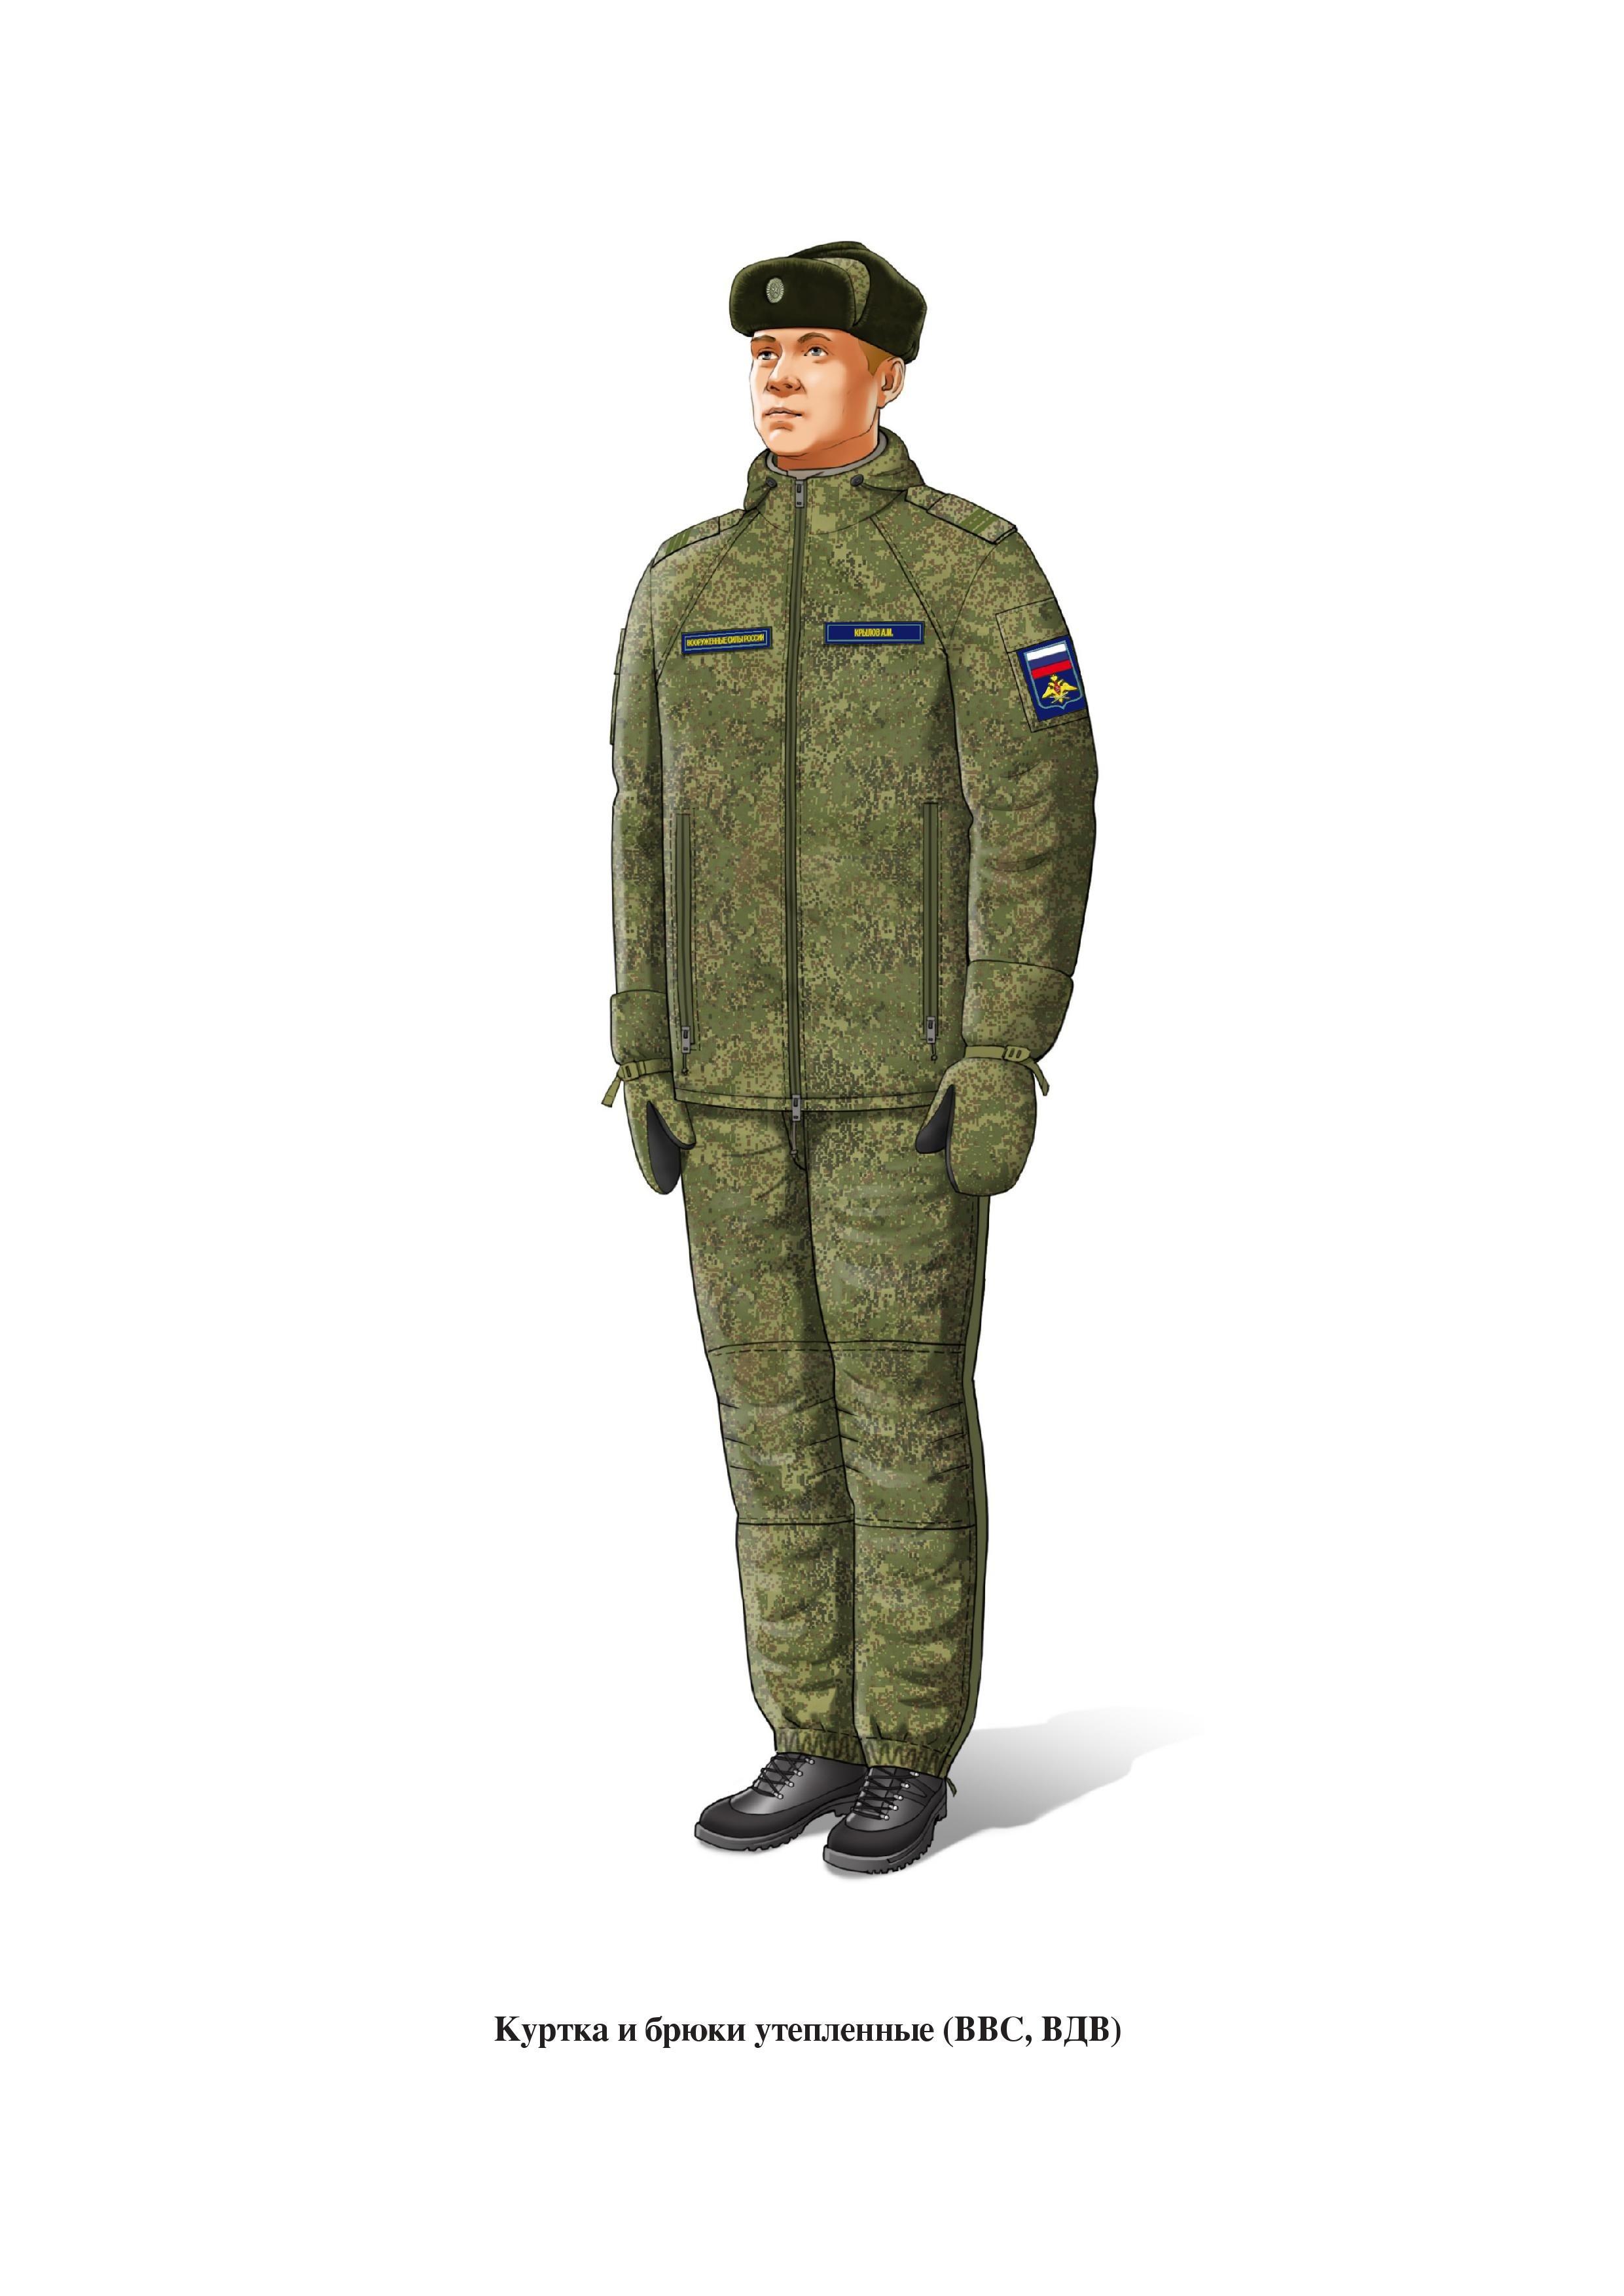 также избегать весенняя форма одежды военнослужащих фото покупать такие